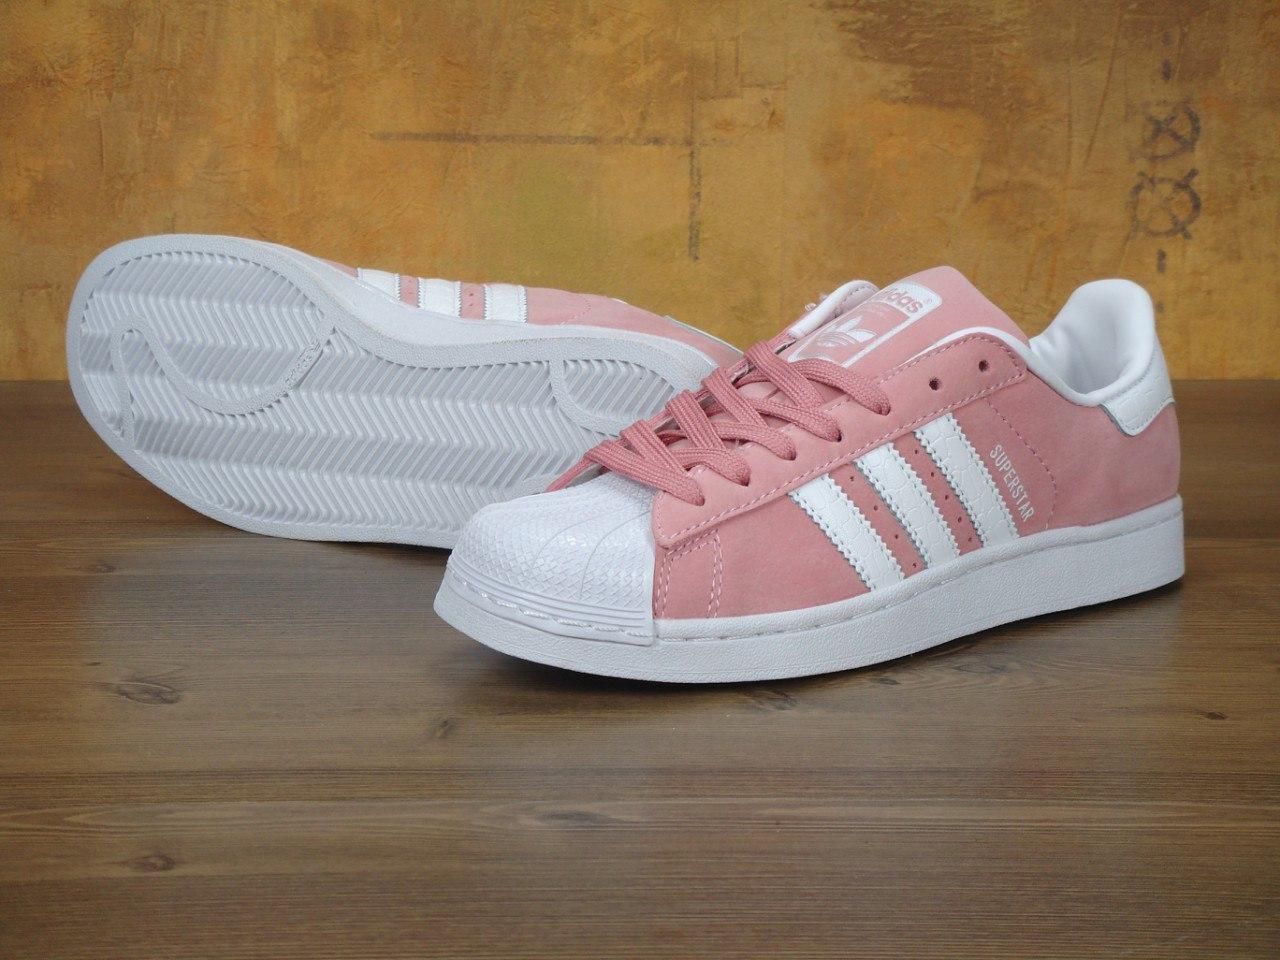 b1429829e Женские кроссовки Adidas Superstar розовые - Обувь и одежда с доставкой по  Украине в Киеве